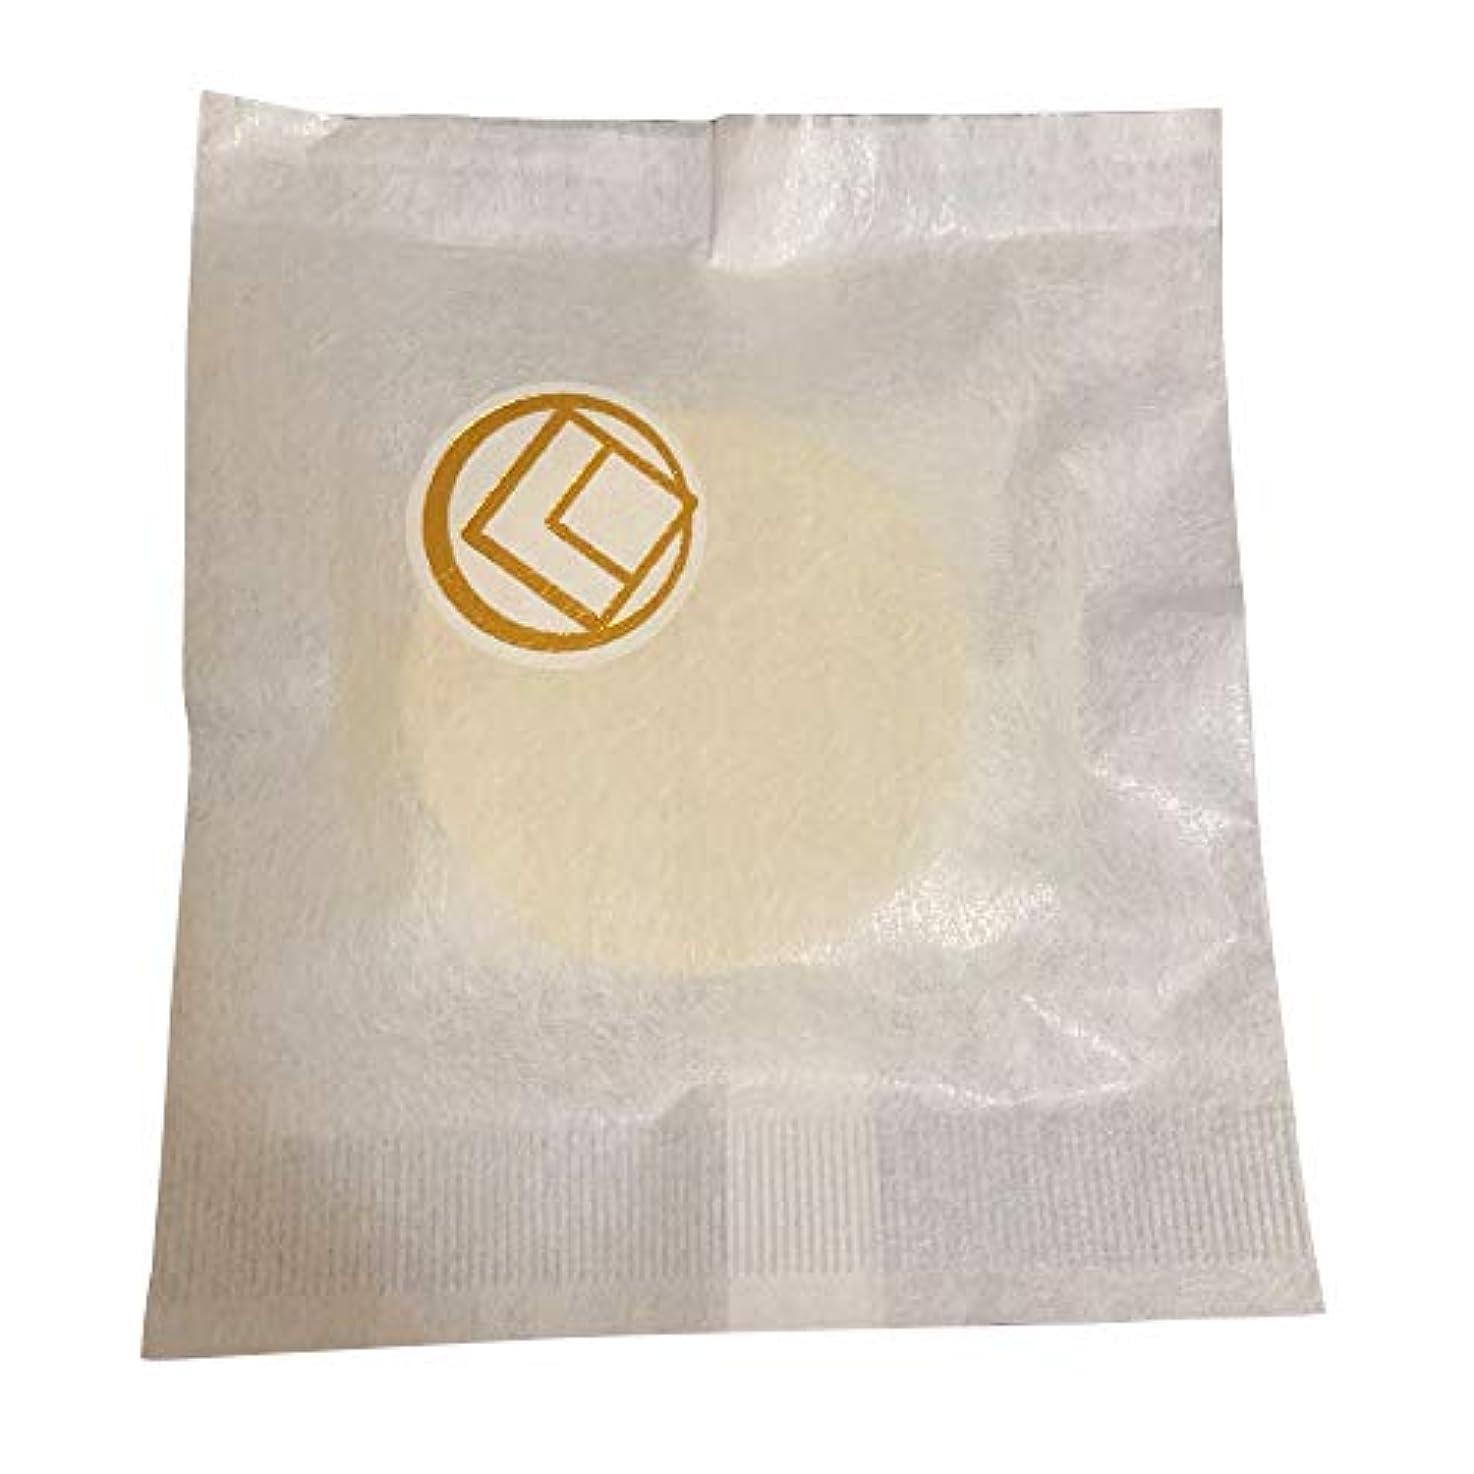 剛性注ぎますエンジニア【肌断食専用】美塩(うつくしお)メイク落とし石鹸